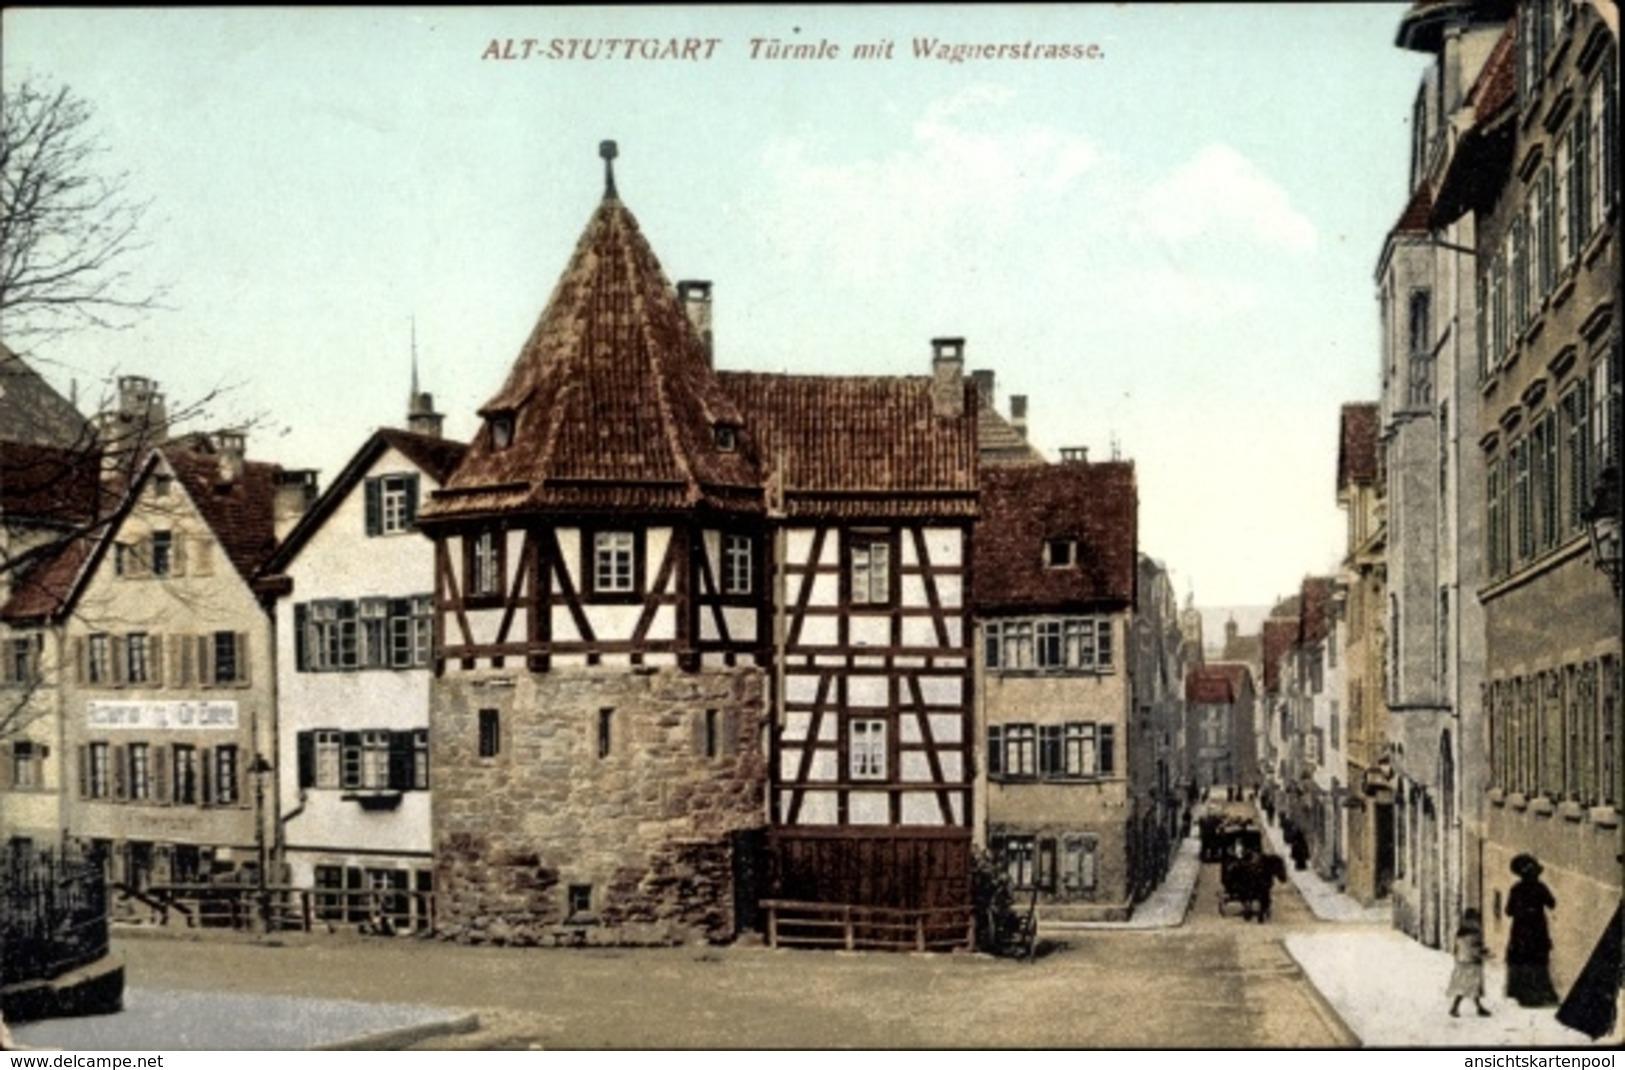 Cp Stuttgart In Bade Württemberg, Türmle Mit Wagnerstraße - Autres